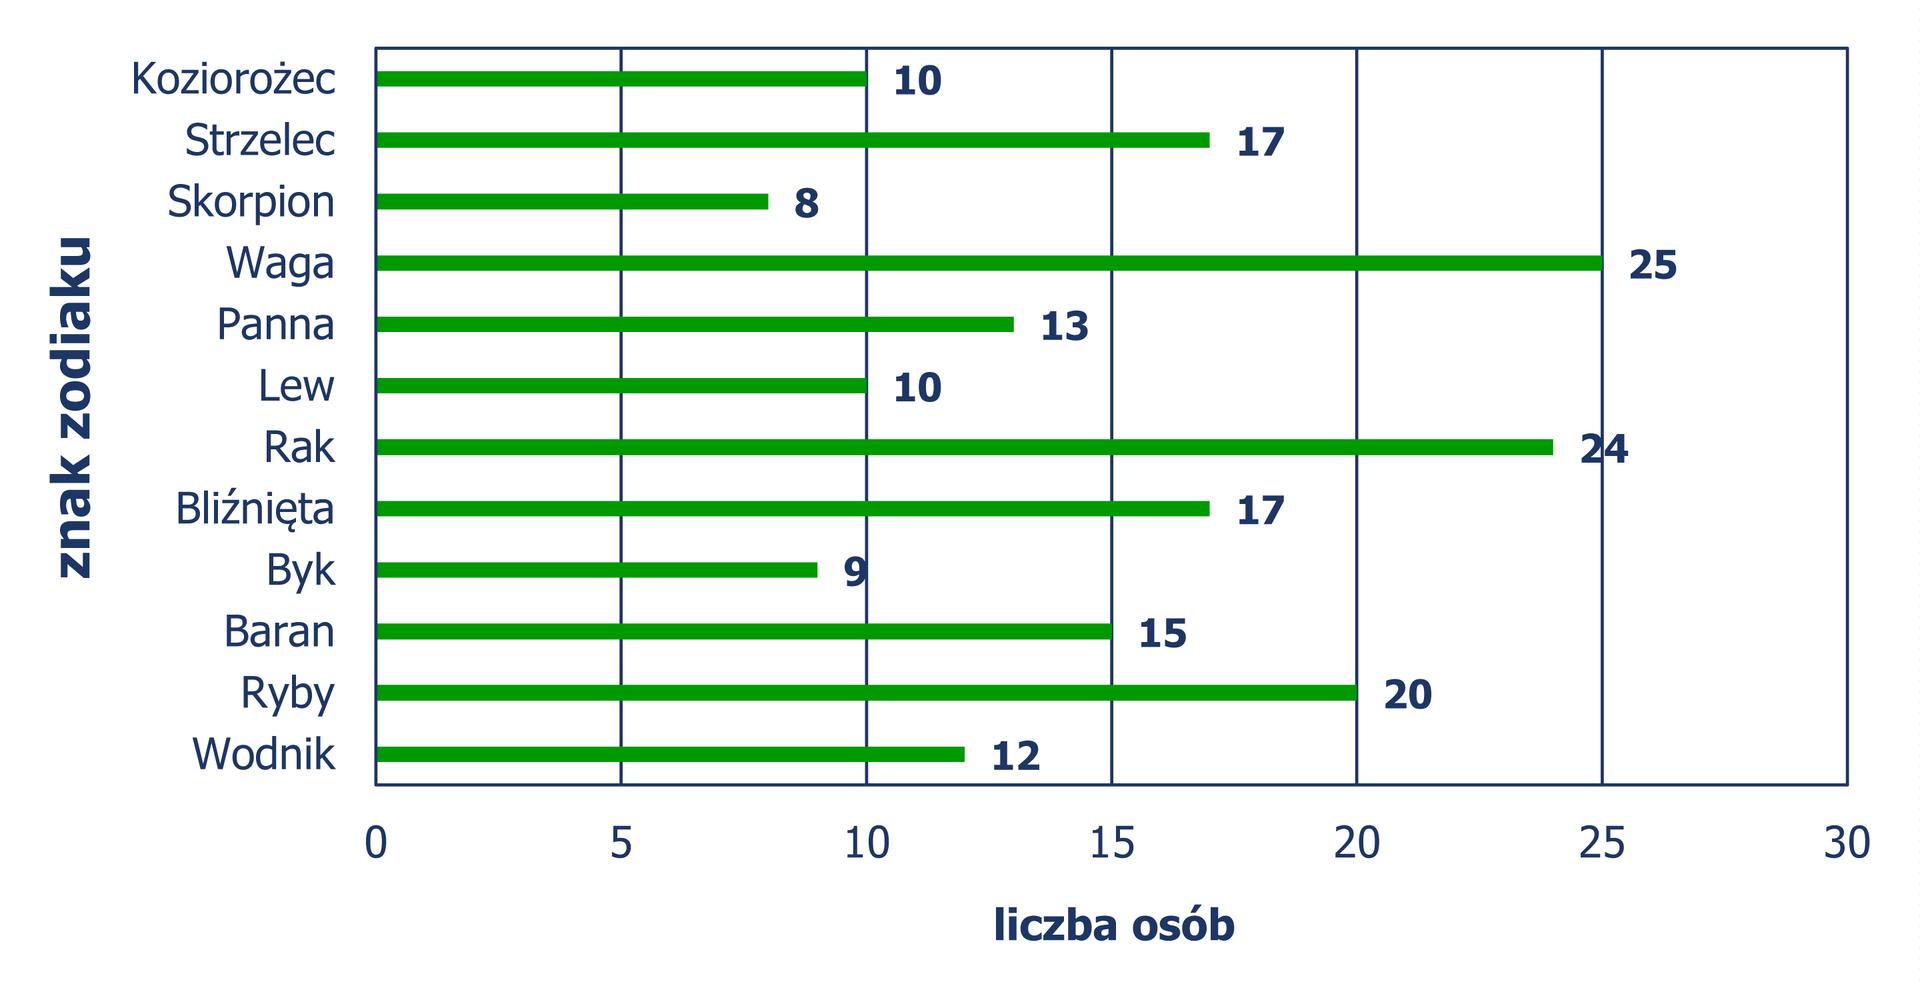 Diagram słupkowy pionowy, zktórego odczytujemy liczbę osób wzależności od znaku zodiaku. Koziorożec – 10 osób, Strzelec – 17, Skorpion – 8, Waga – 25, Panna – 13, Lew – 10, Rak – 24, Bliźnięta – 17, Byk – 9, Baran – 15, Ryby – 20, Wodnik – 12.